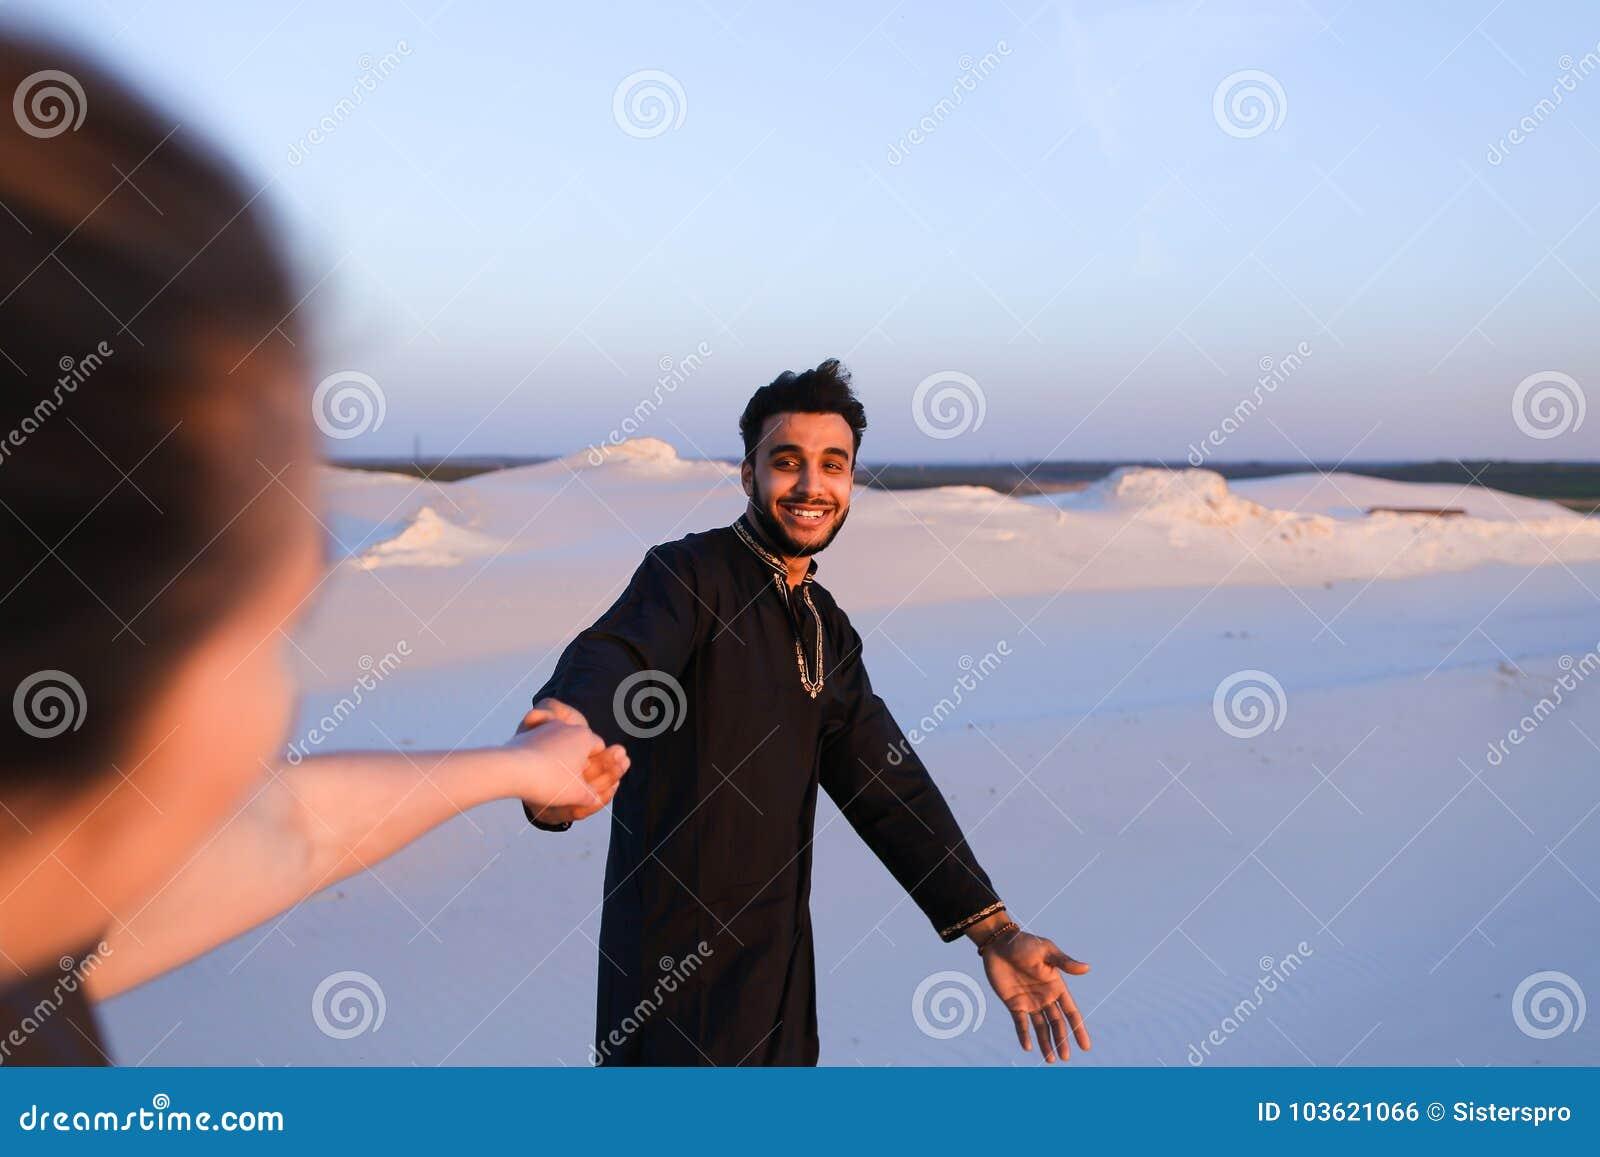 donna americana che esce con un uomo musulmano ex dice che mi ama, ma sta uscendo con qualcun altro